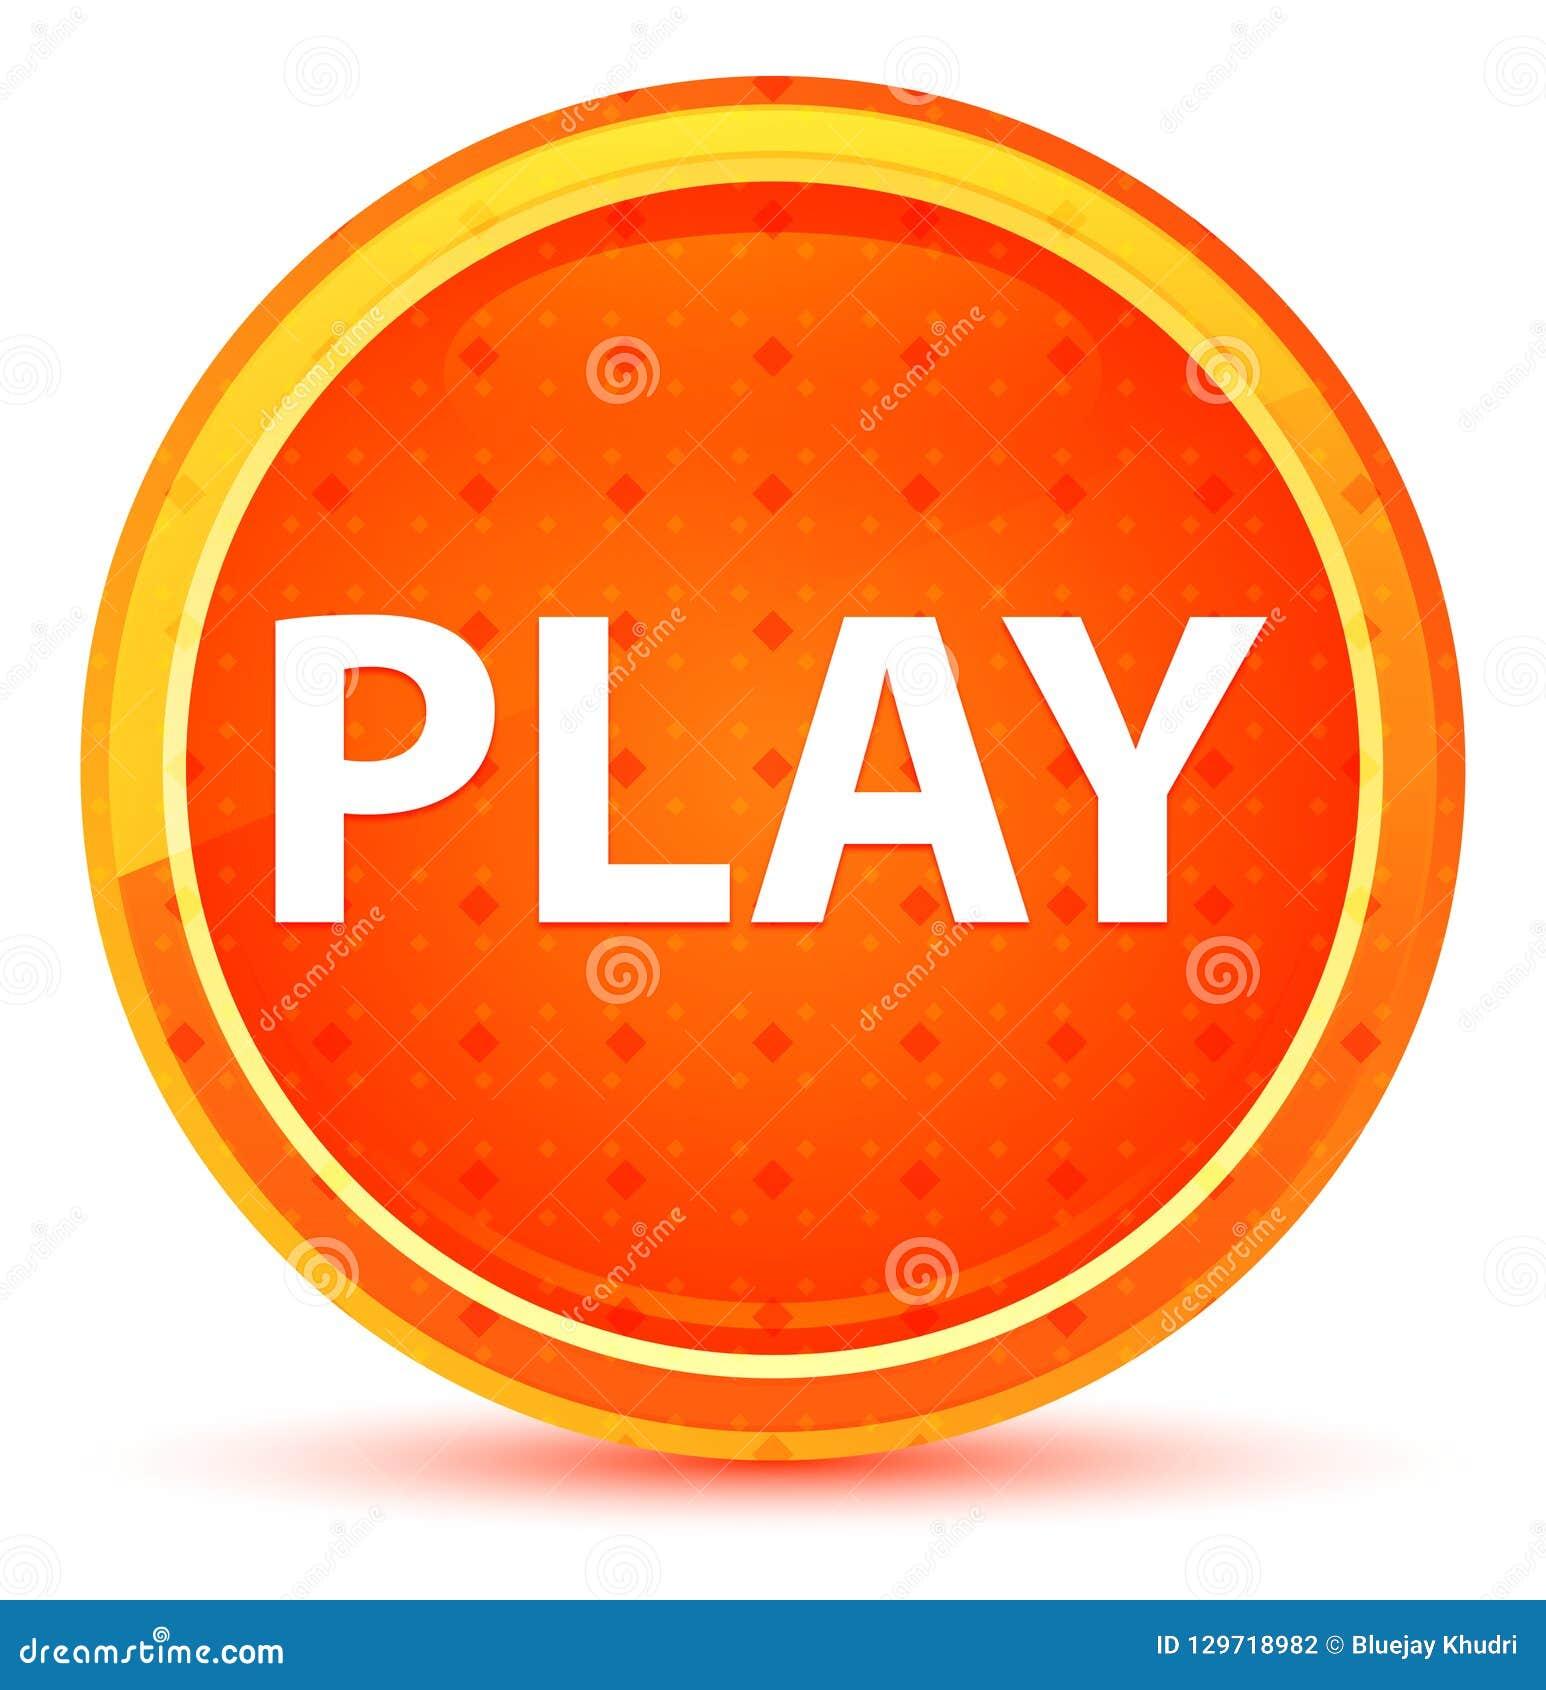 Play Natural Orange Round Button